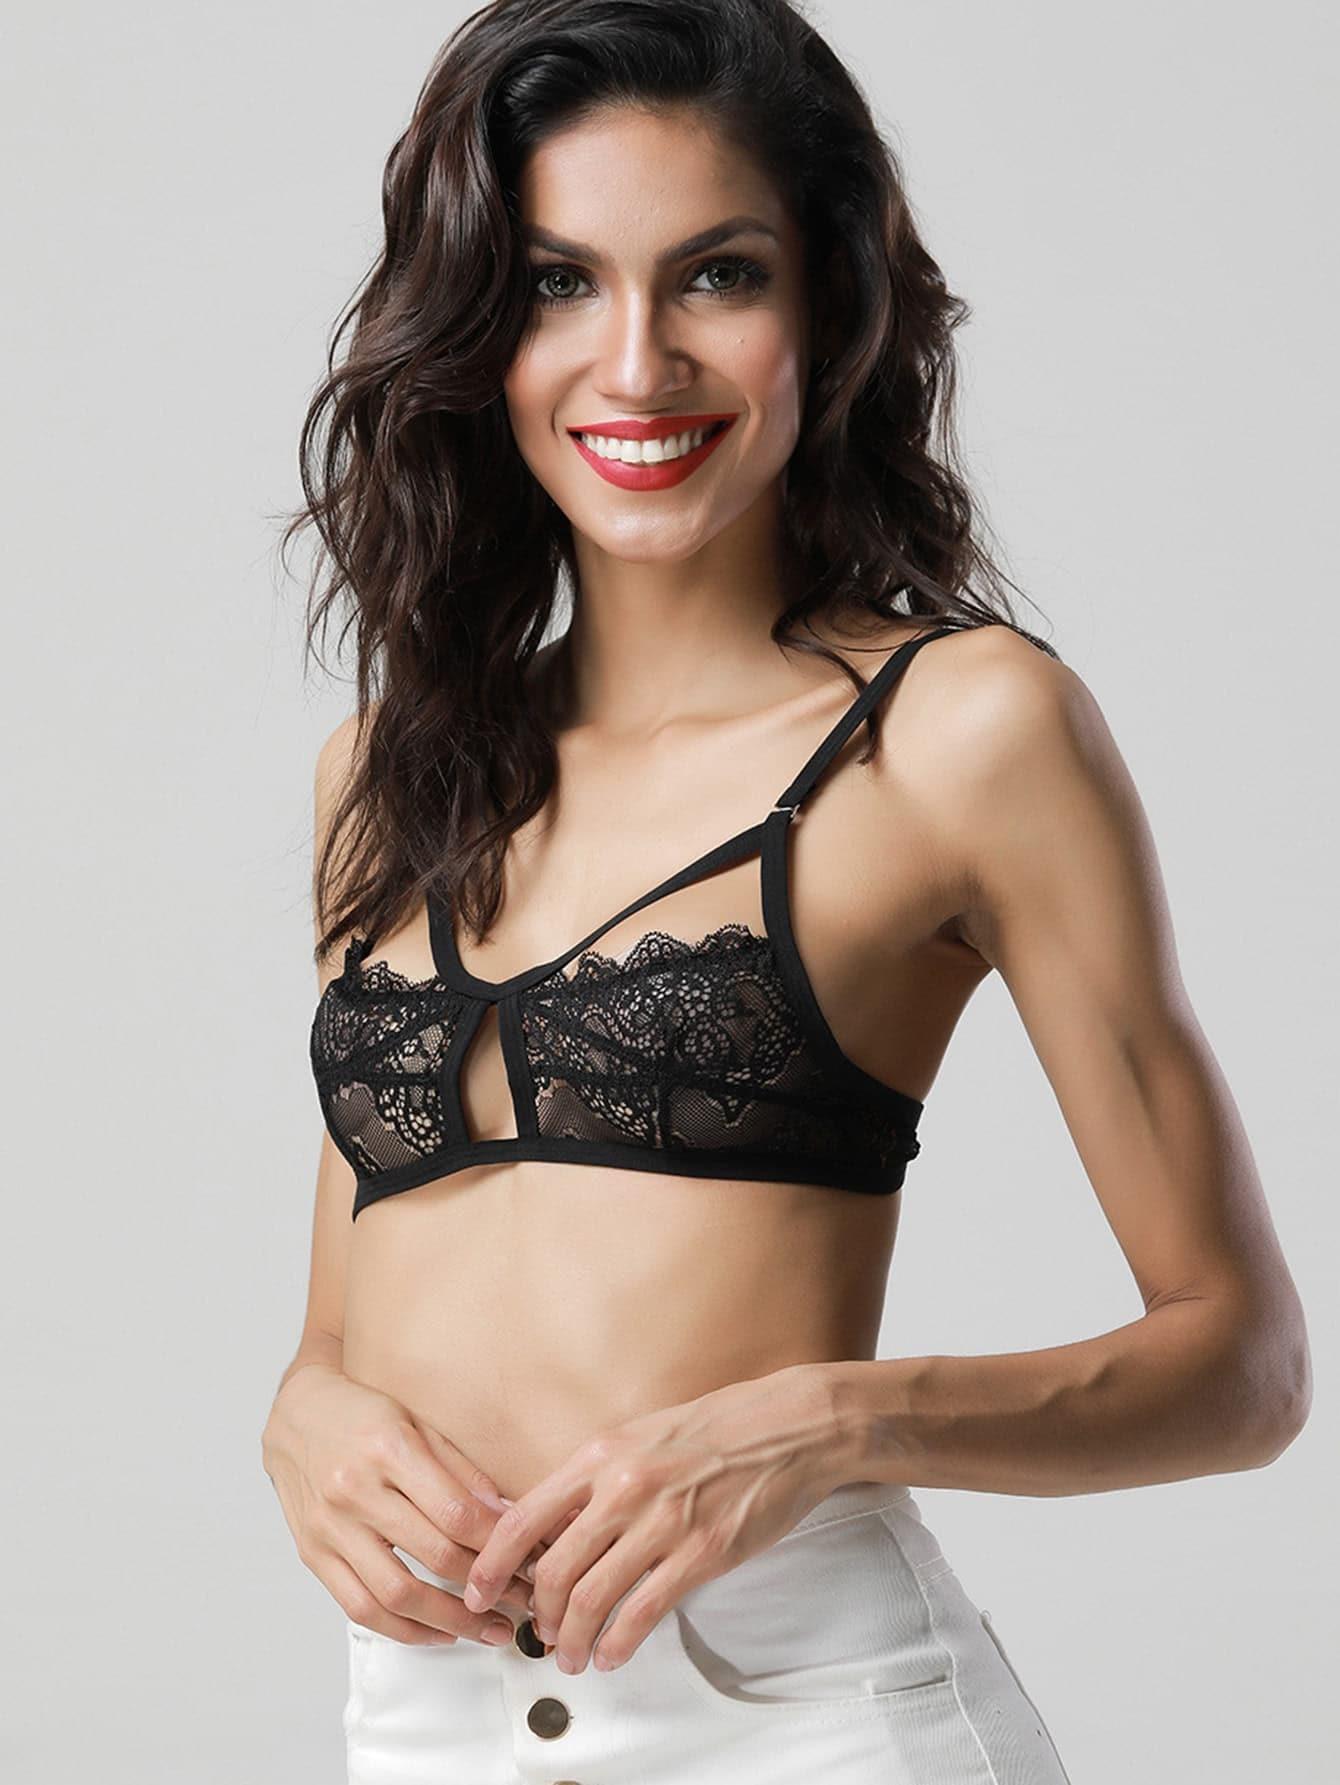 Cutout Detail Lace Bralette lingerie170703303